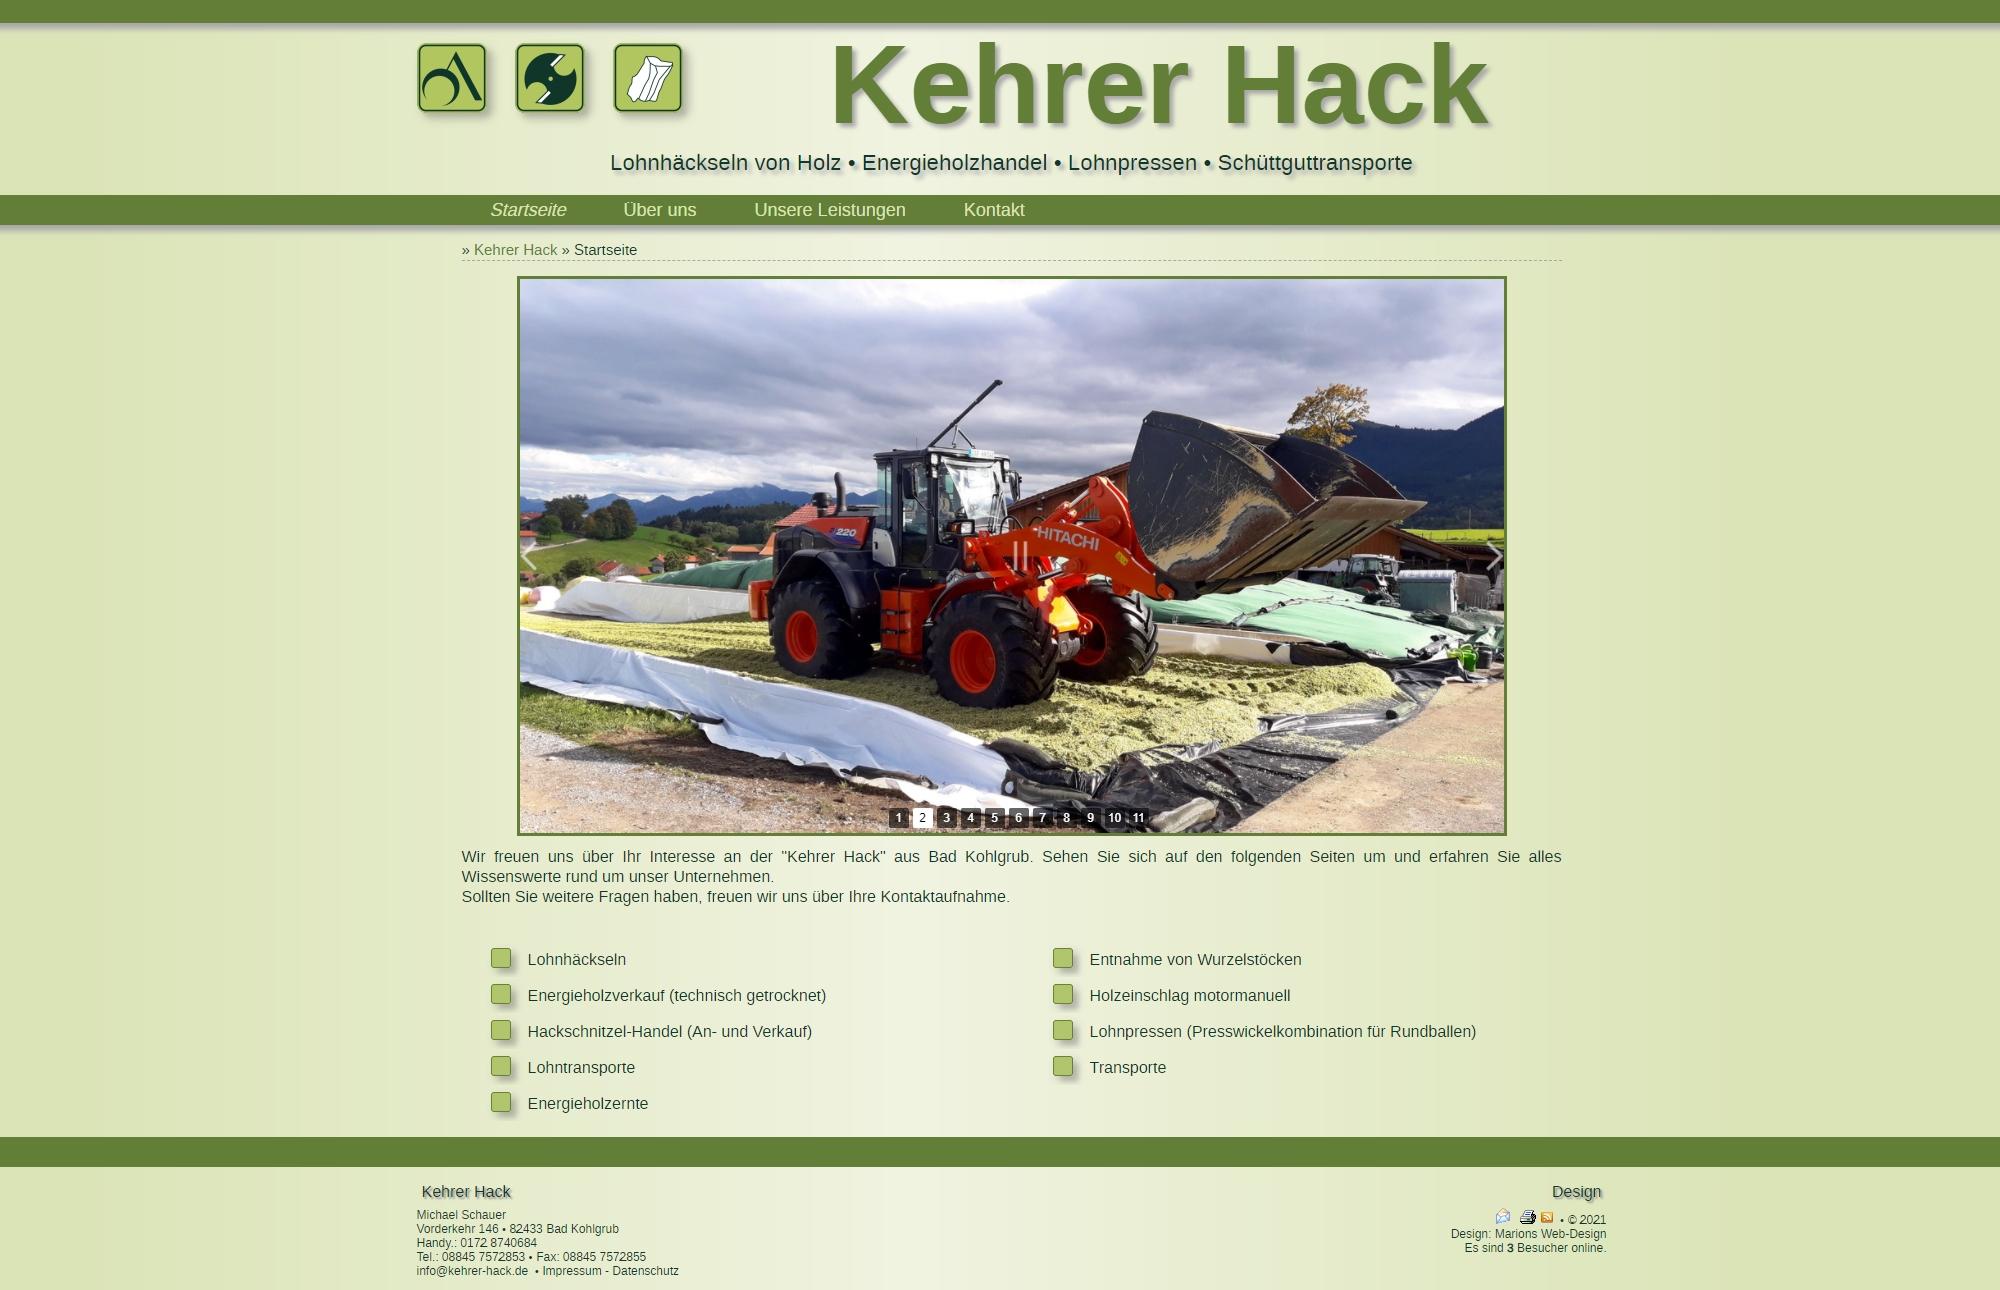 Kehrer Hack